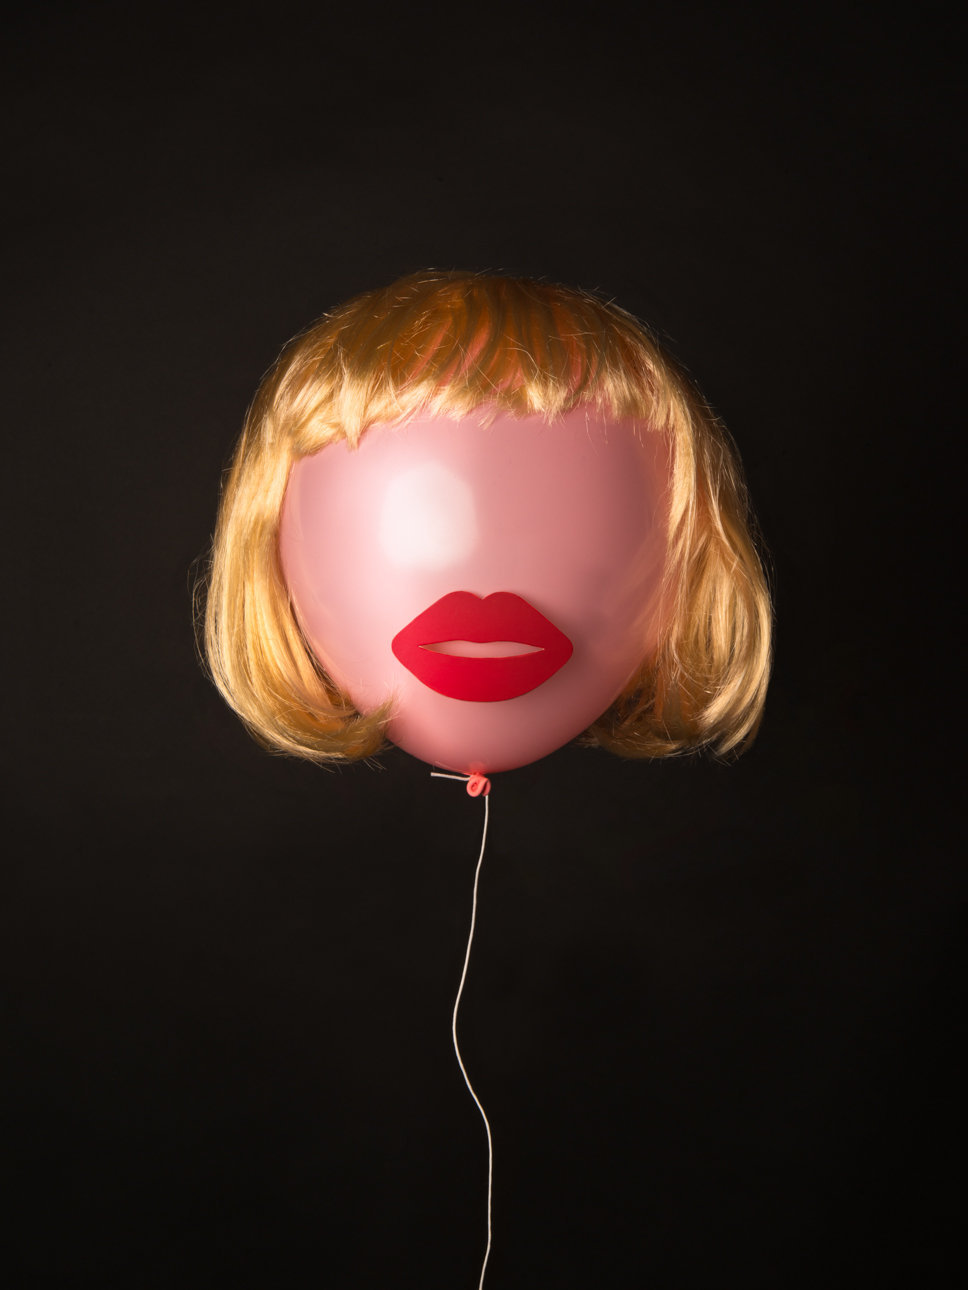 Patrick-Rivera-photographer-still-life-balloonies (6 of 6).jpg